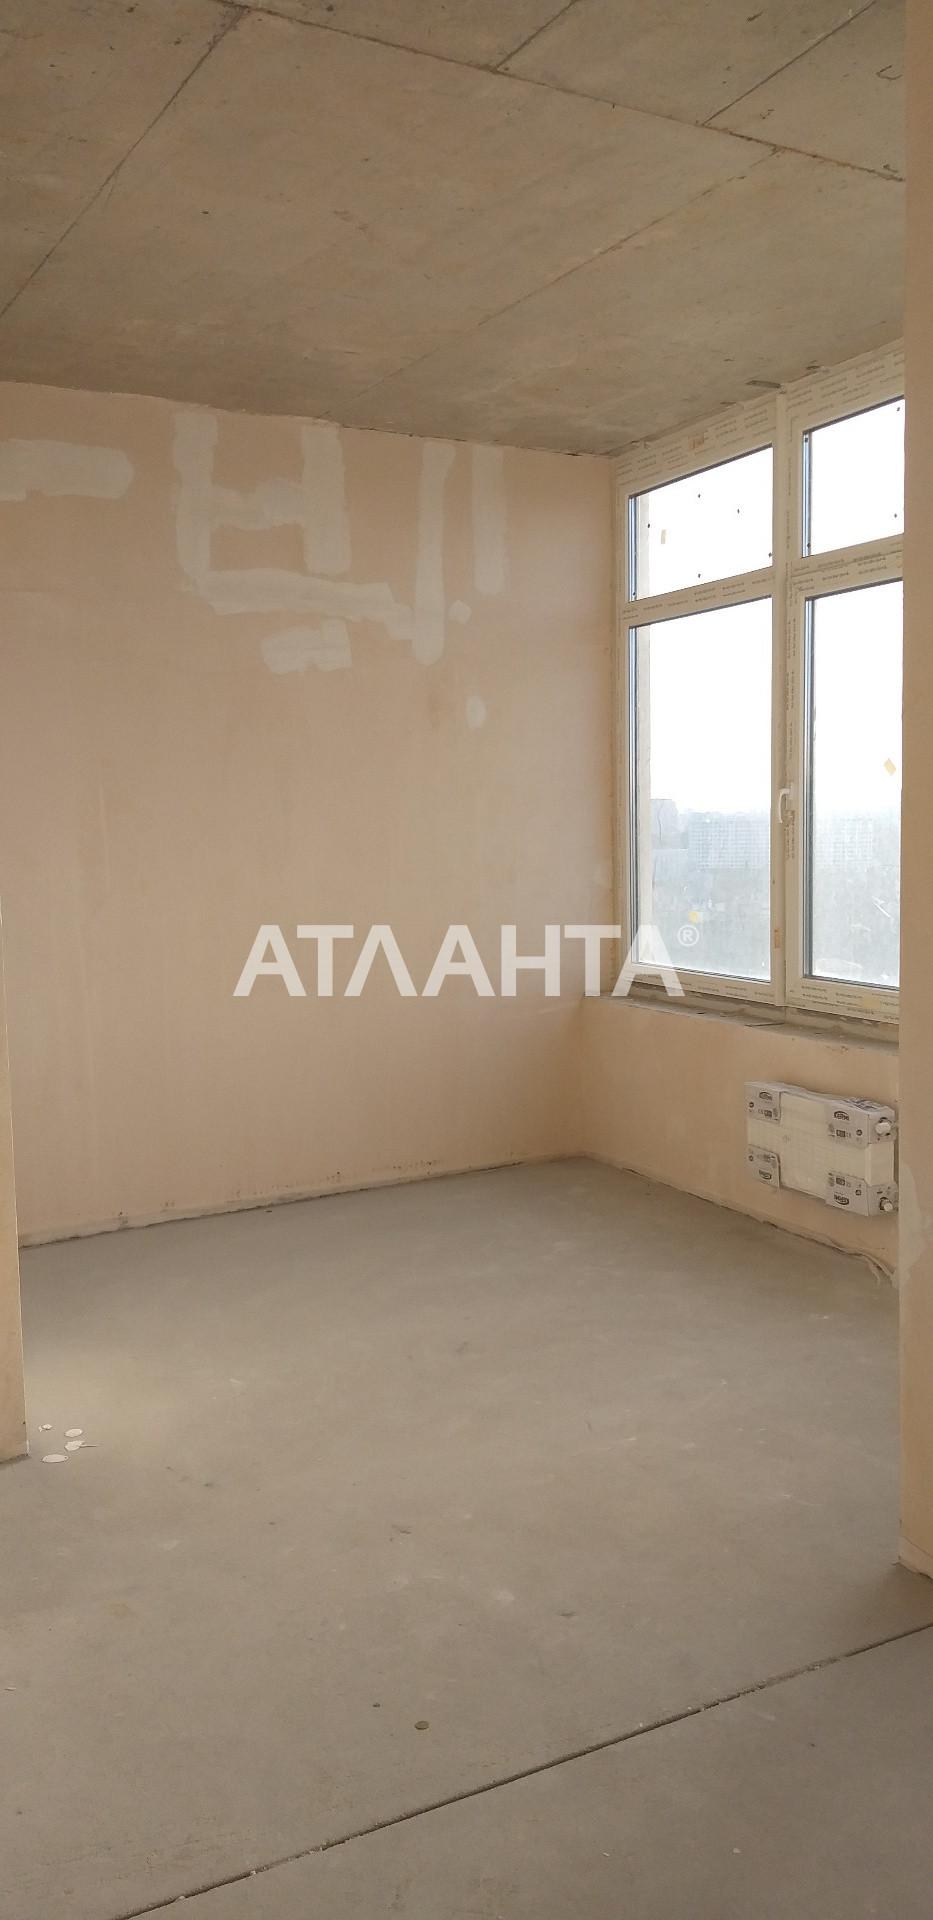 Продается 1-комнатная Квартира на ул. Каманина — 40 000 у.е. (фото №11)